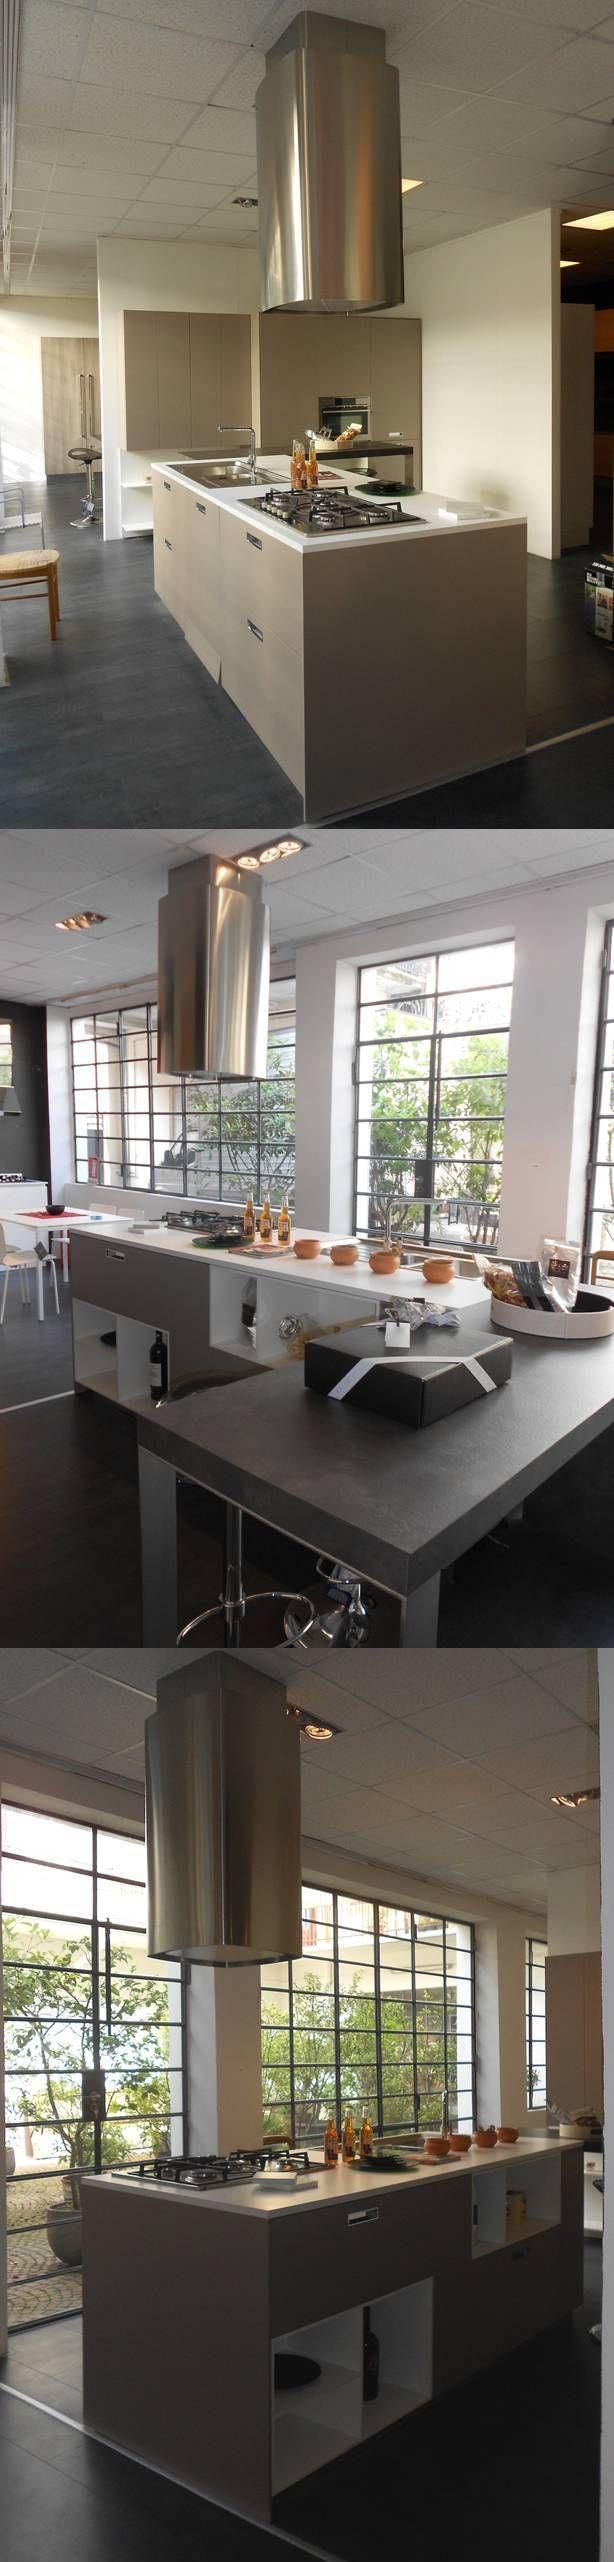 Oltre 25 fantastiche idee su Bianco cucina ad isola su Pinterest ...